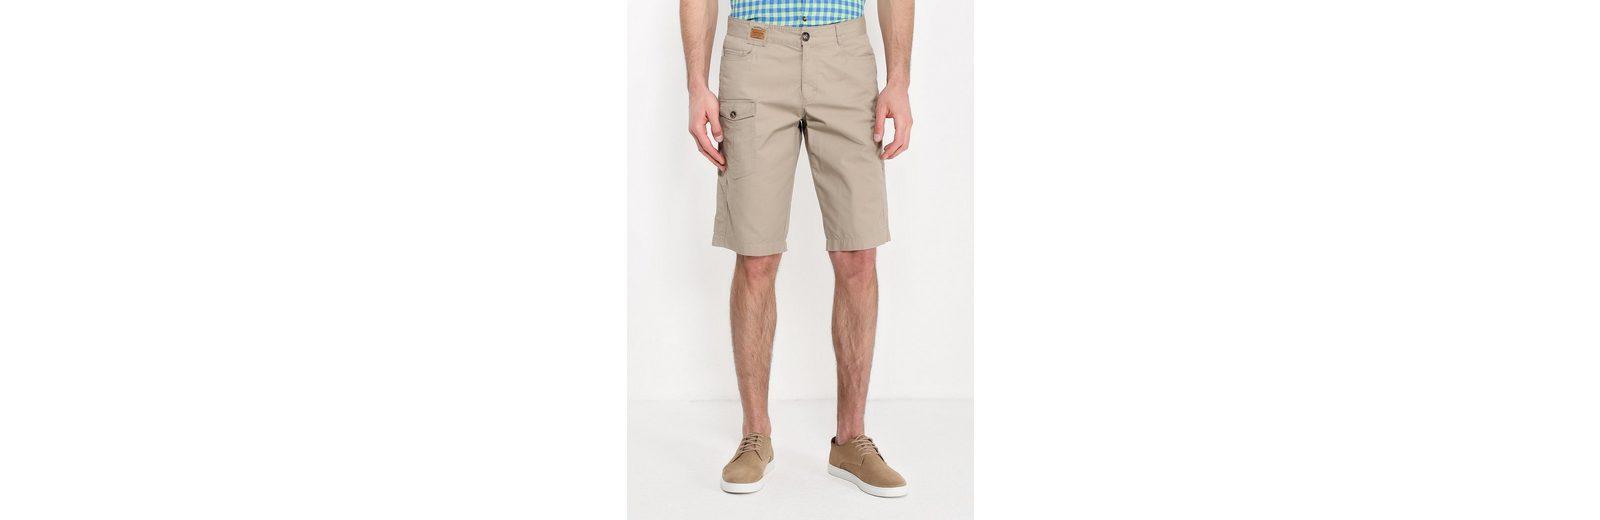 Finn Flare Shorts mit praktischen Gürtelschlaufen Für Schönen Verkauf Online Günstige Manchester-Großer Verkauf mB9X7t